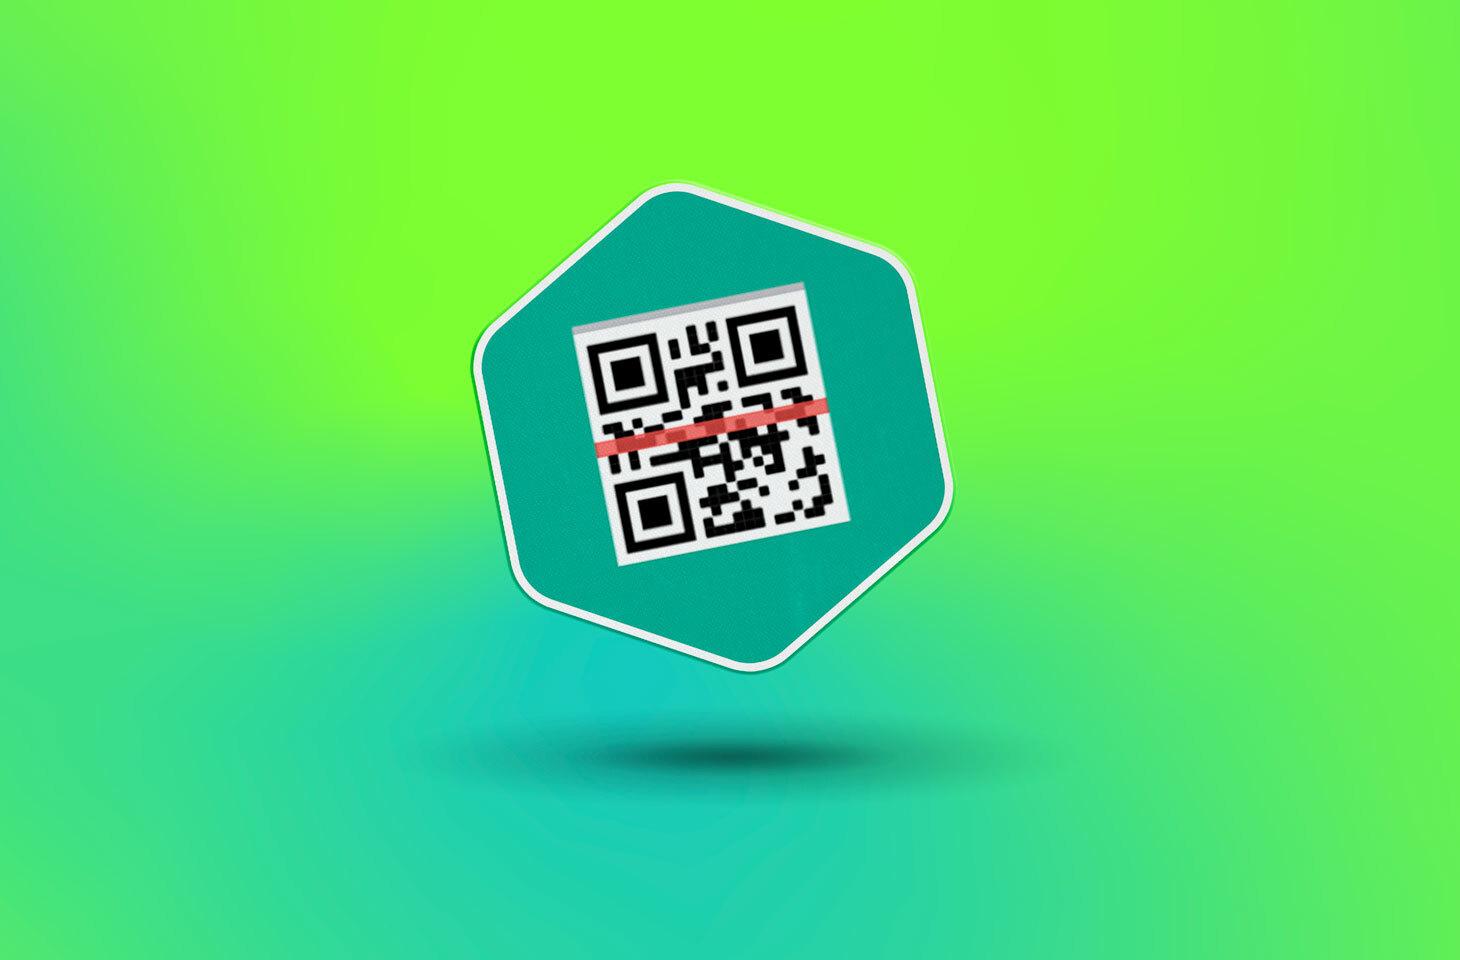 Мошенничество с QR-кодами | Блог Касперского